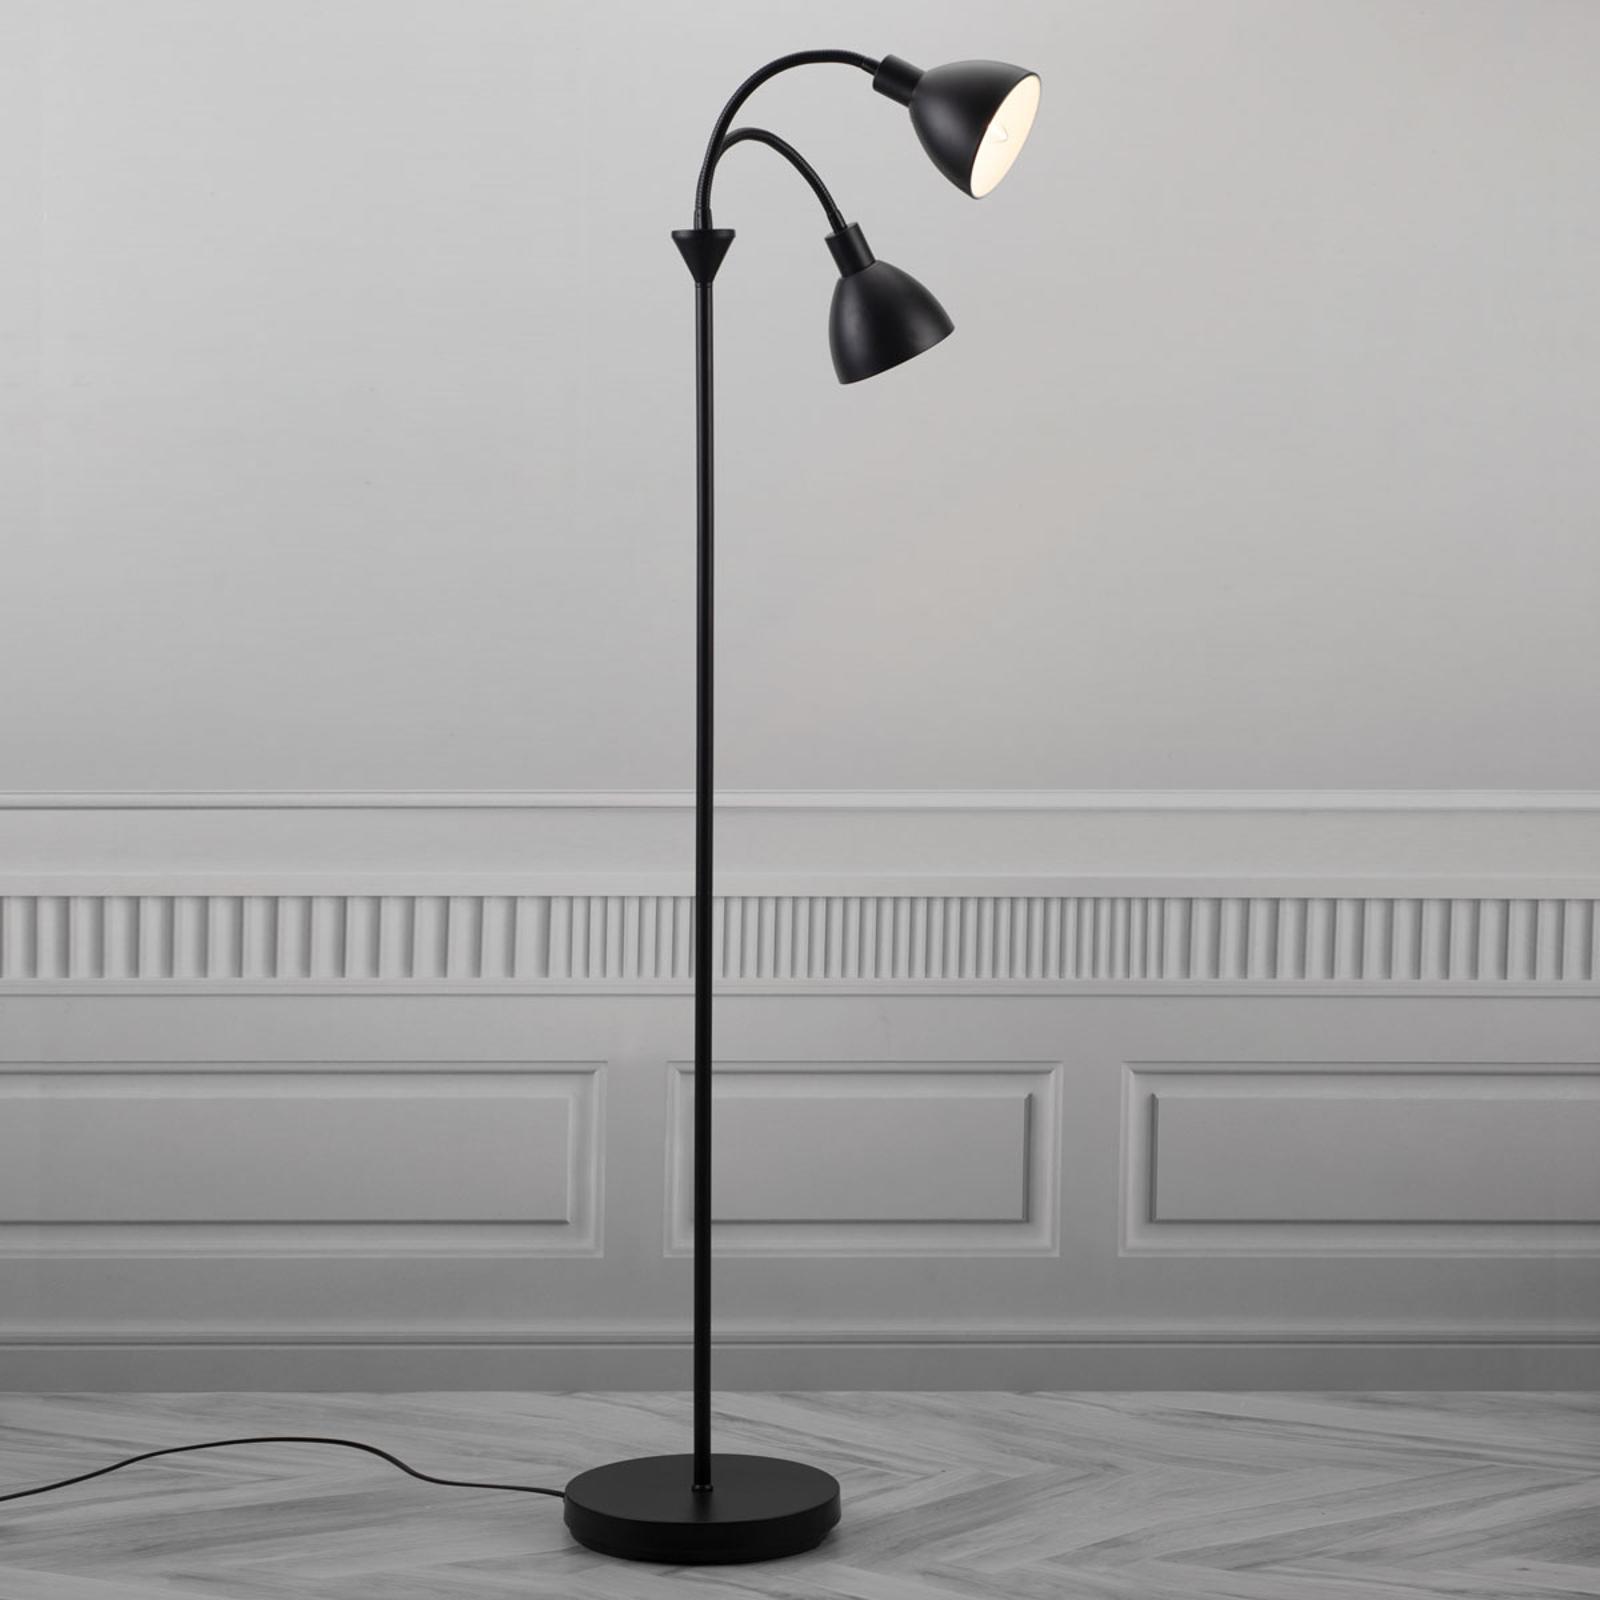 2-punktowa lampa stojąca Ray z czarnego metalu